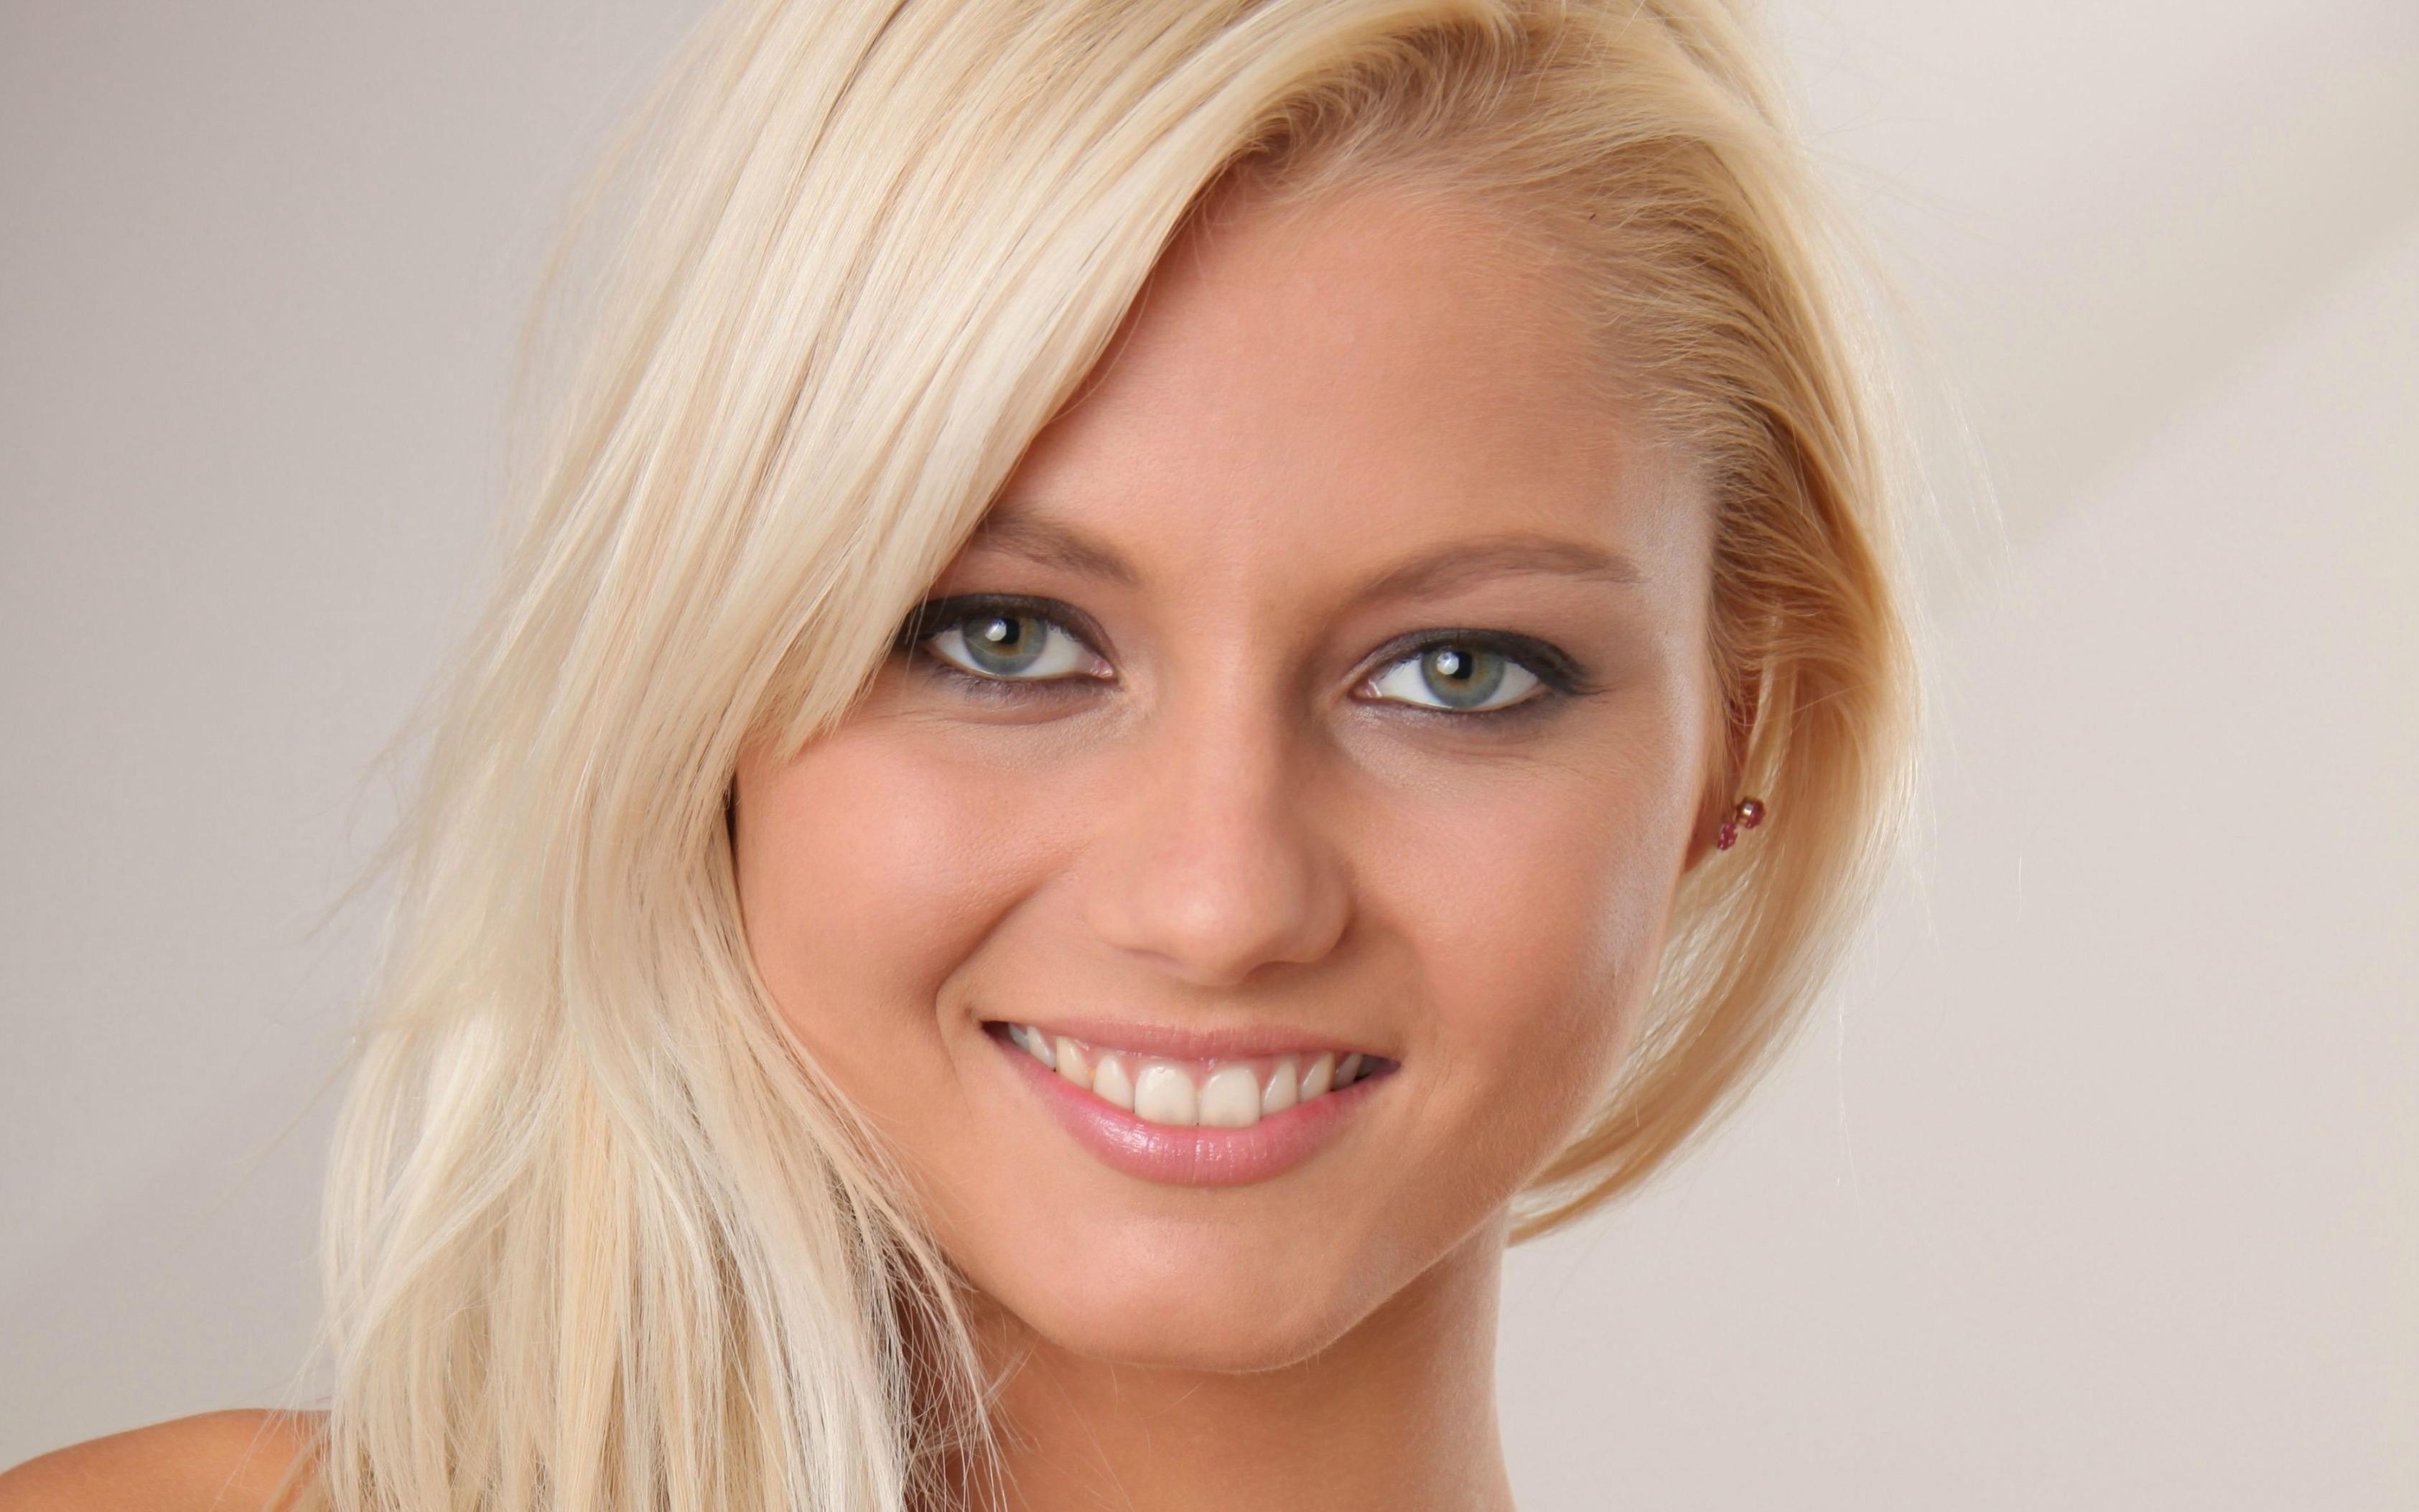 осторожно фото блондинок порноактрис другой